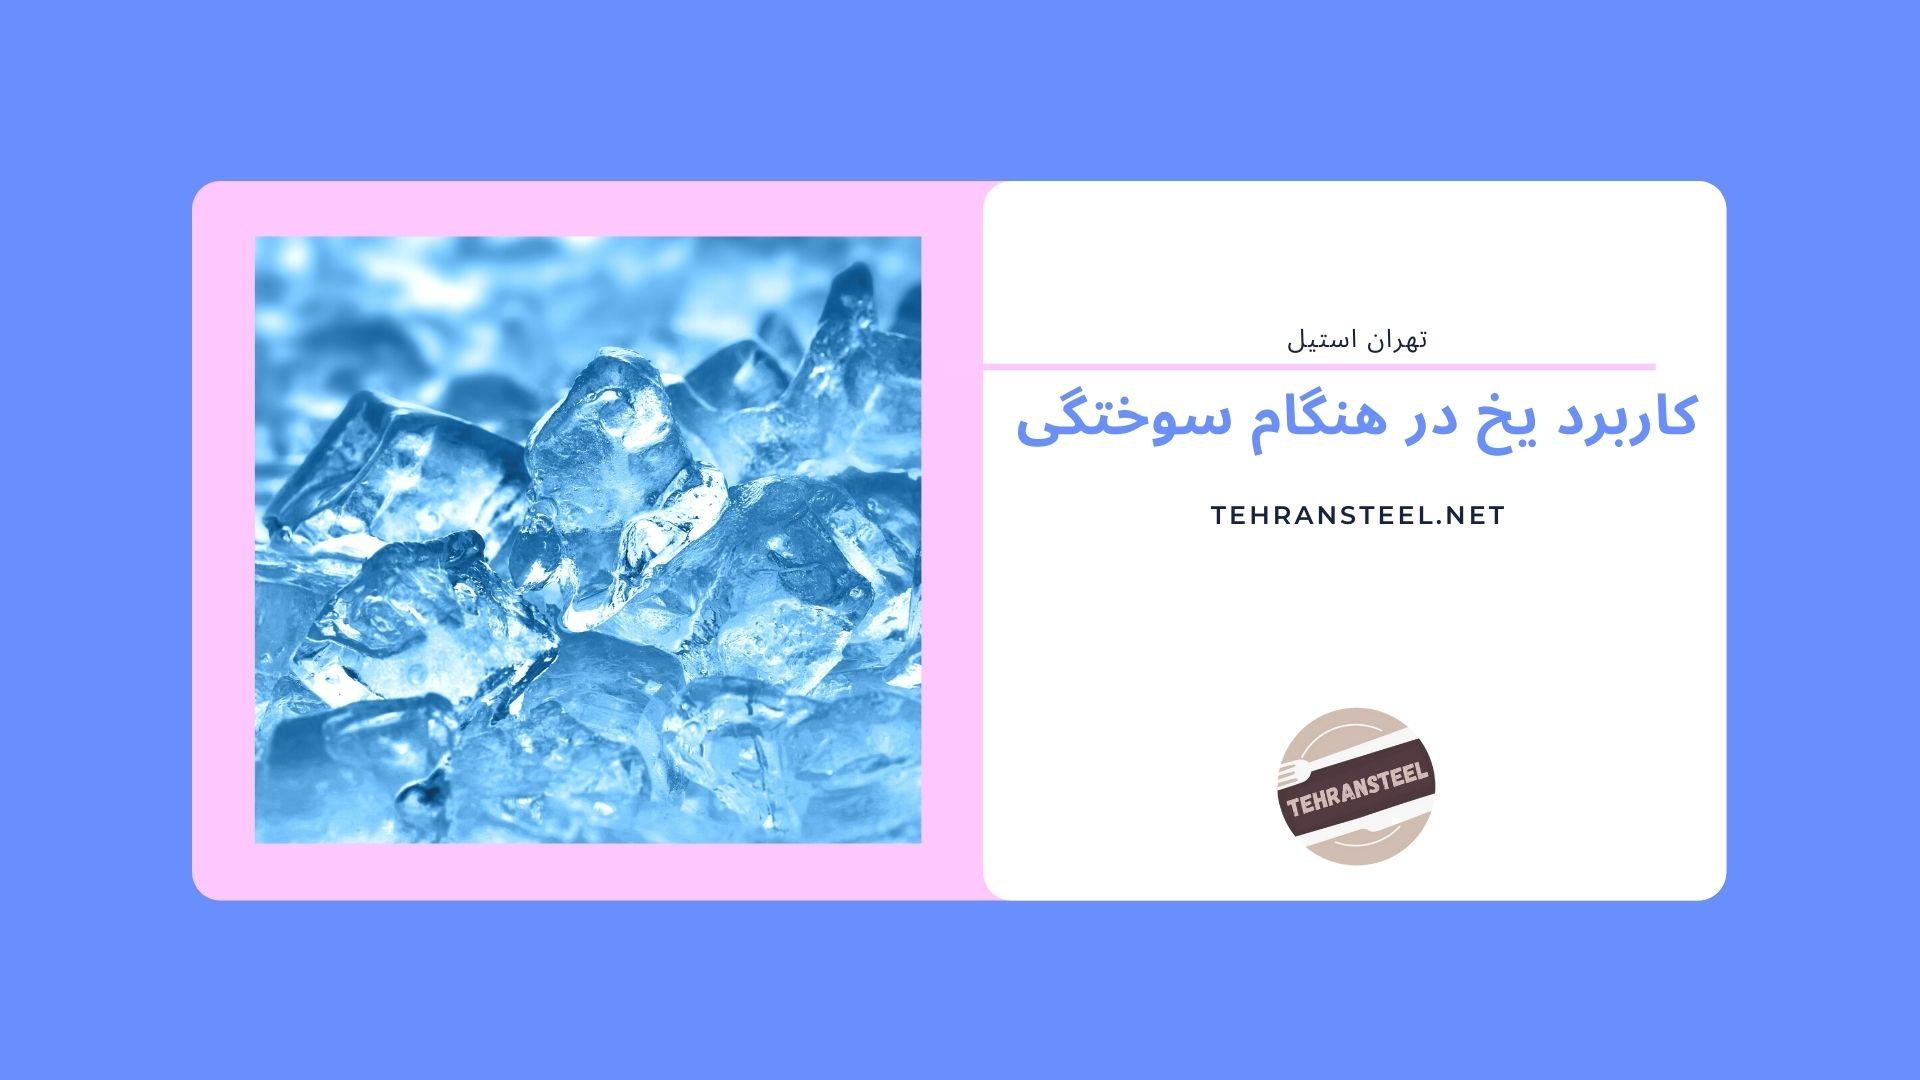 کاربرد یخ در هنگام سوختگی